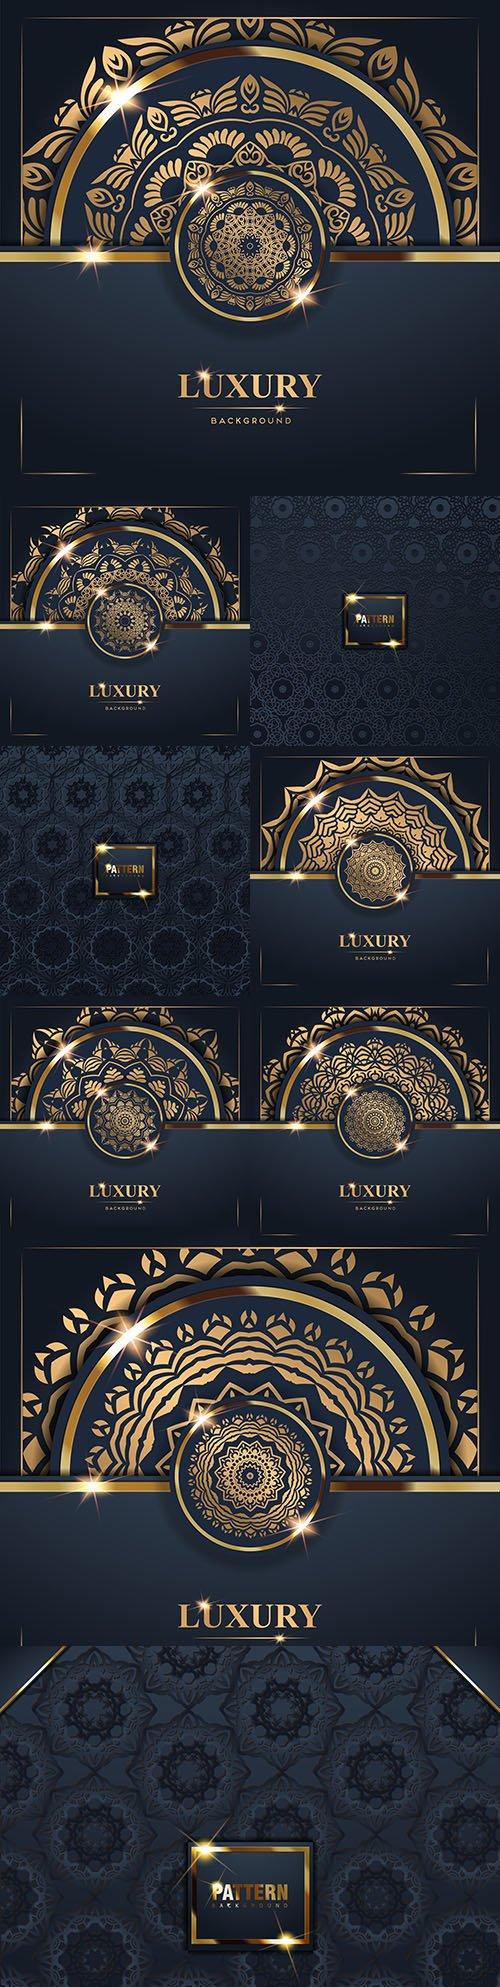 Mandala luxury gold decorative background